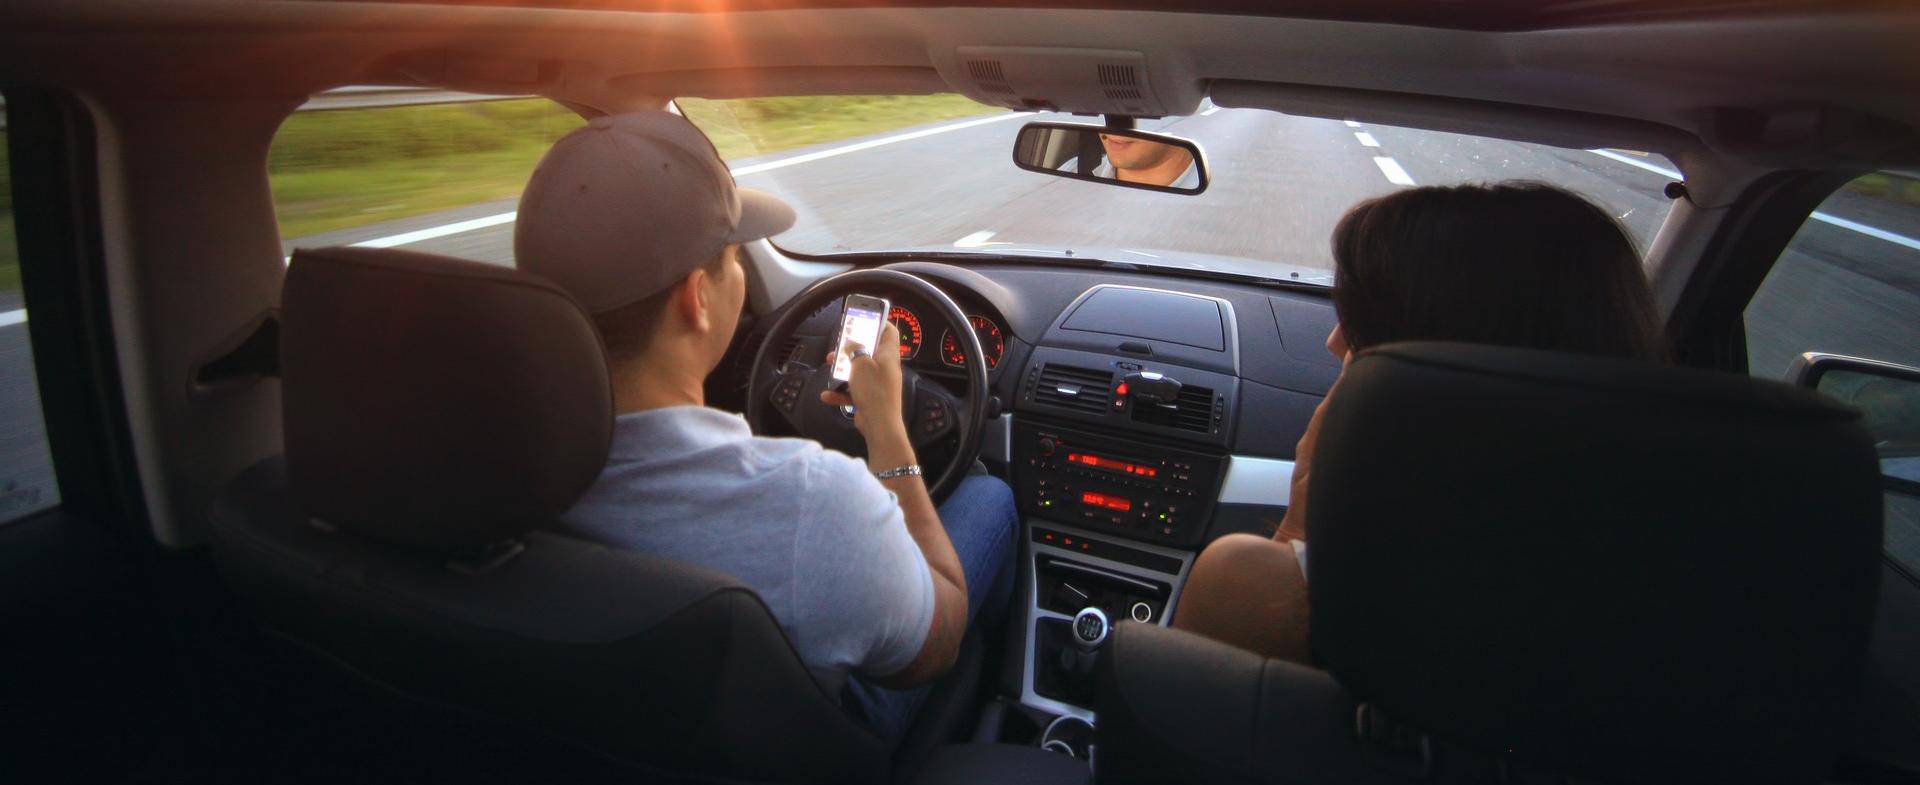 mimik smart car technology